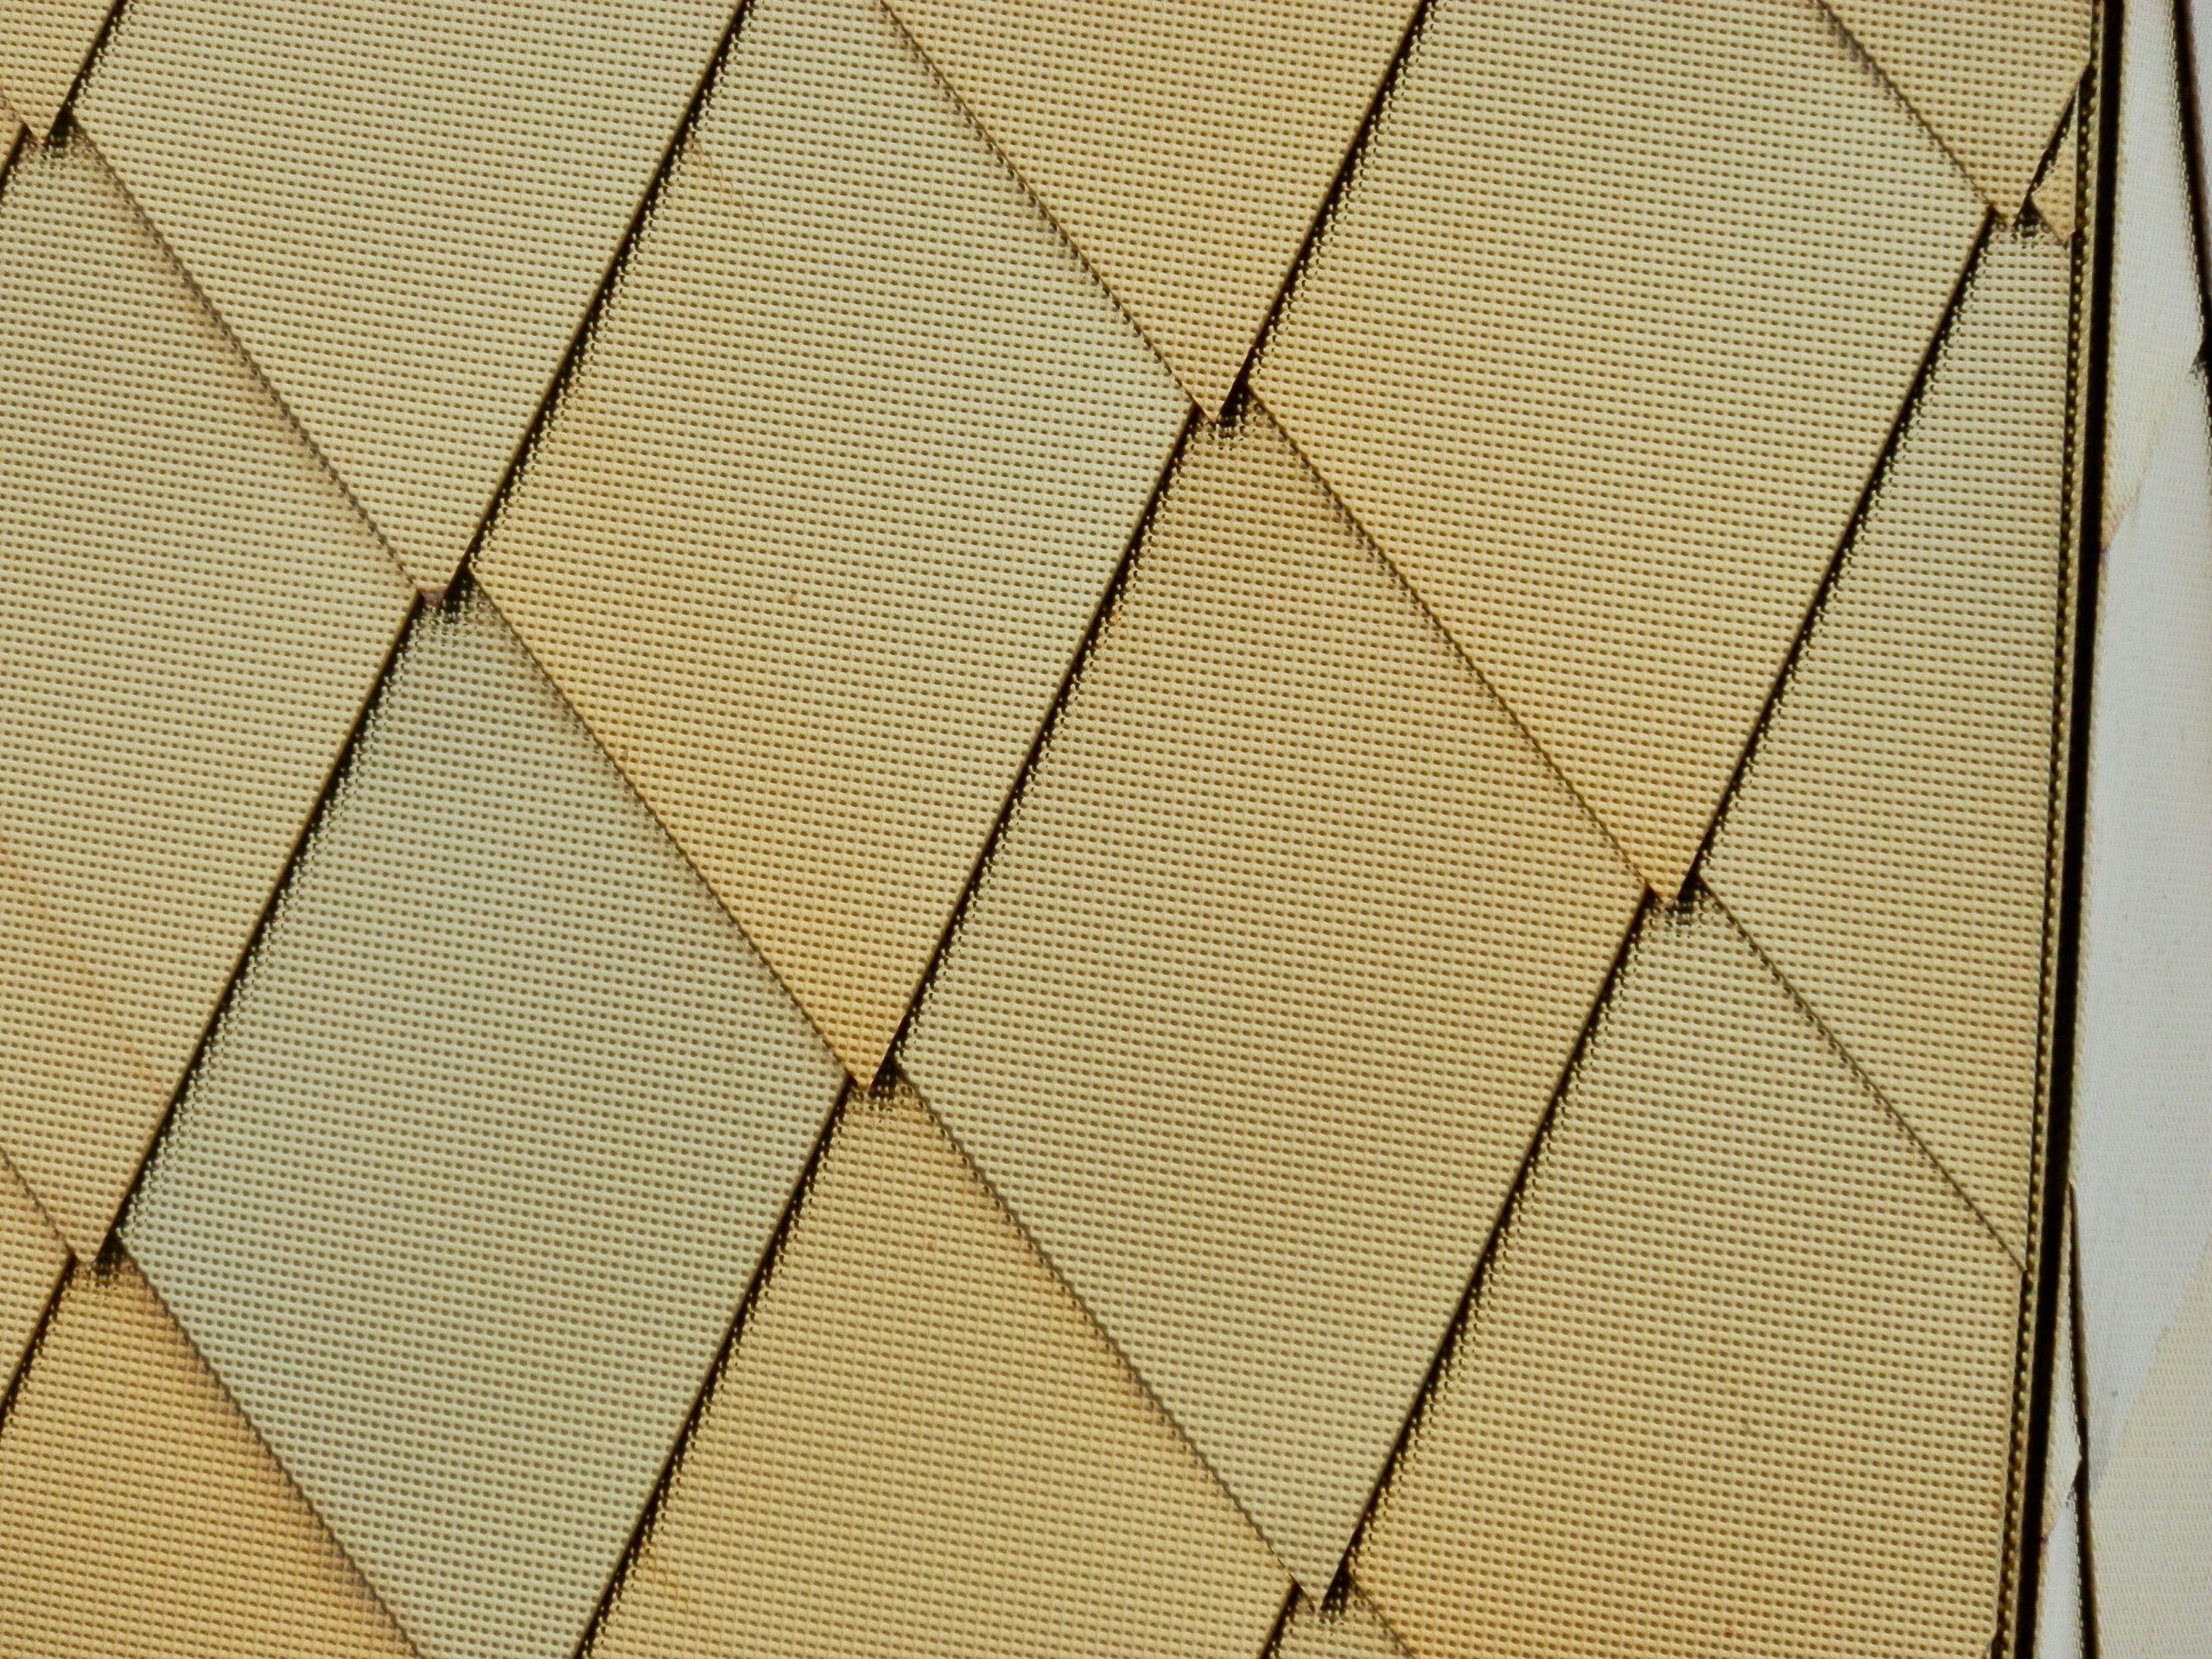 Sistemas de fijación del acero inoxidable decorativo